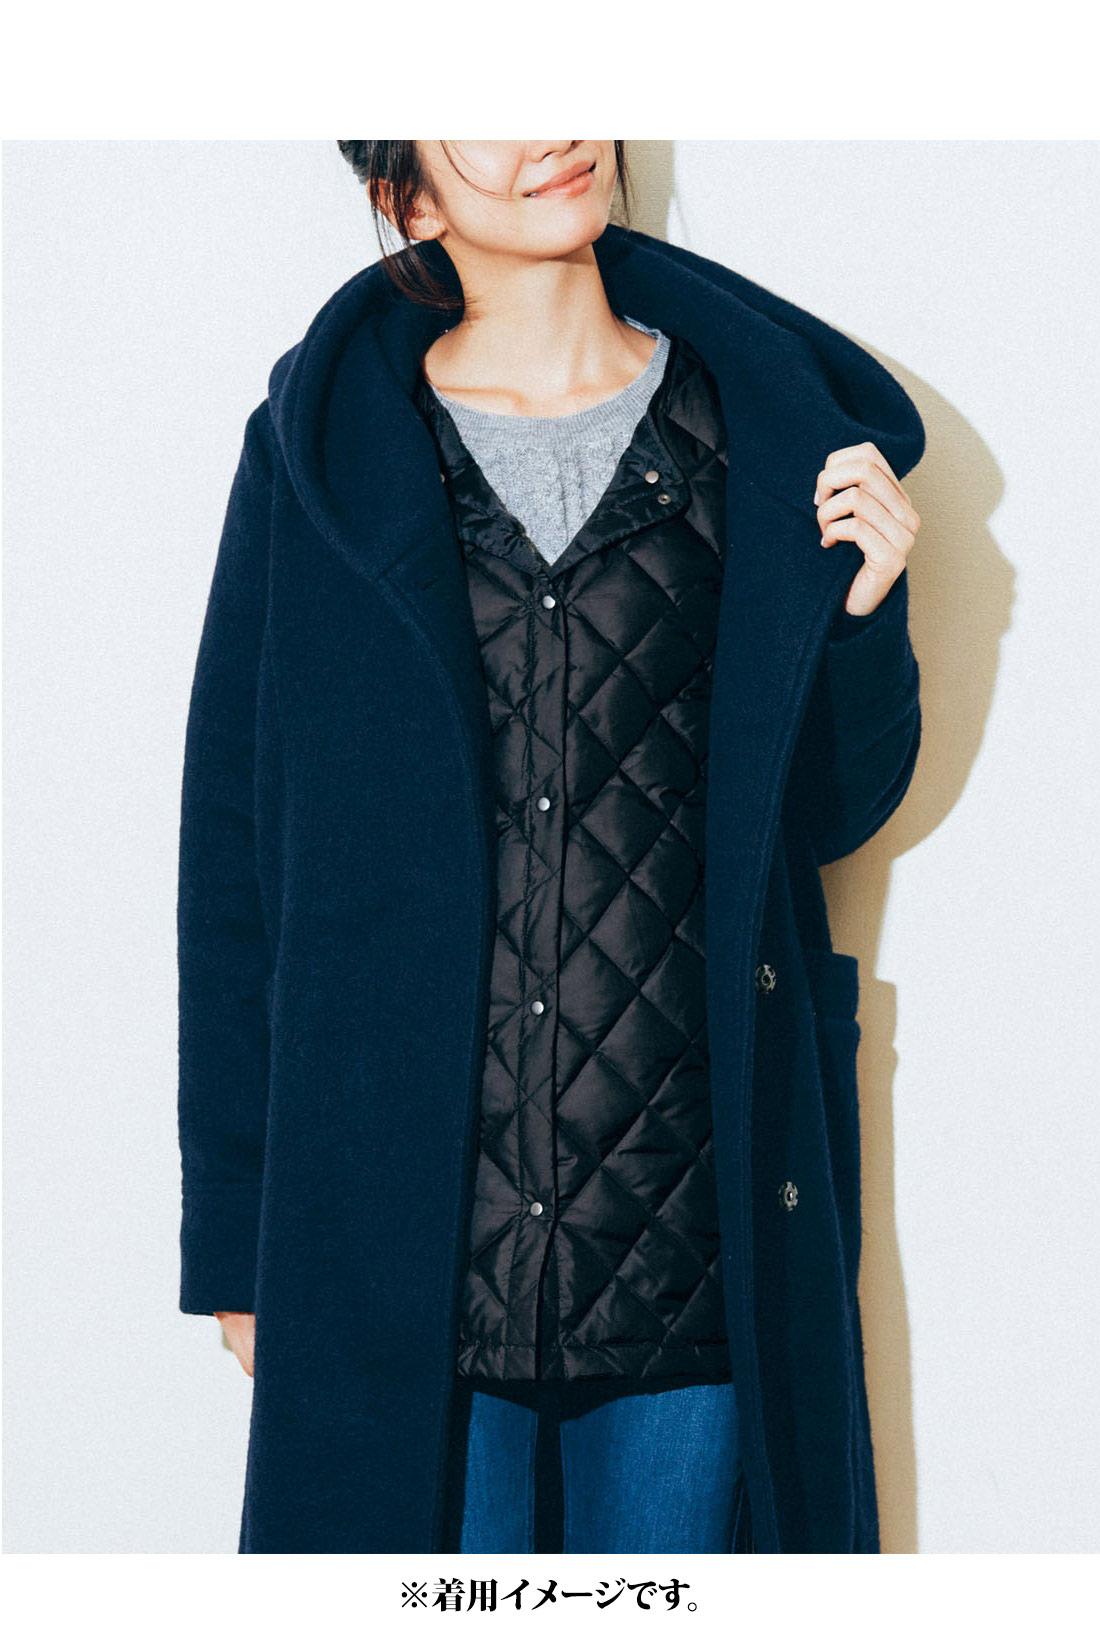 コートの下に着てもすっきり。サイドのリブで動きやすい。